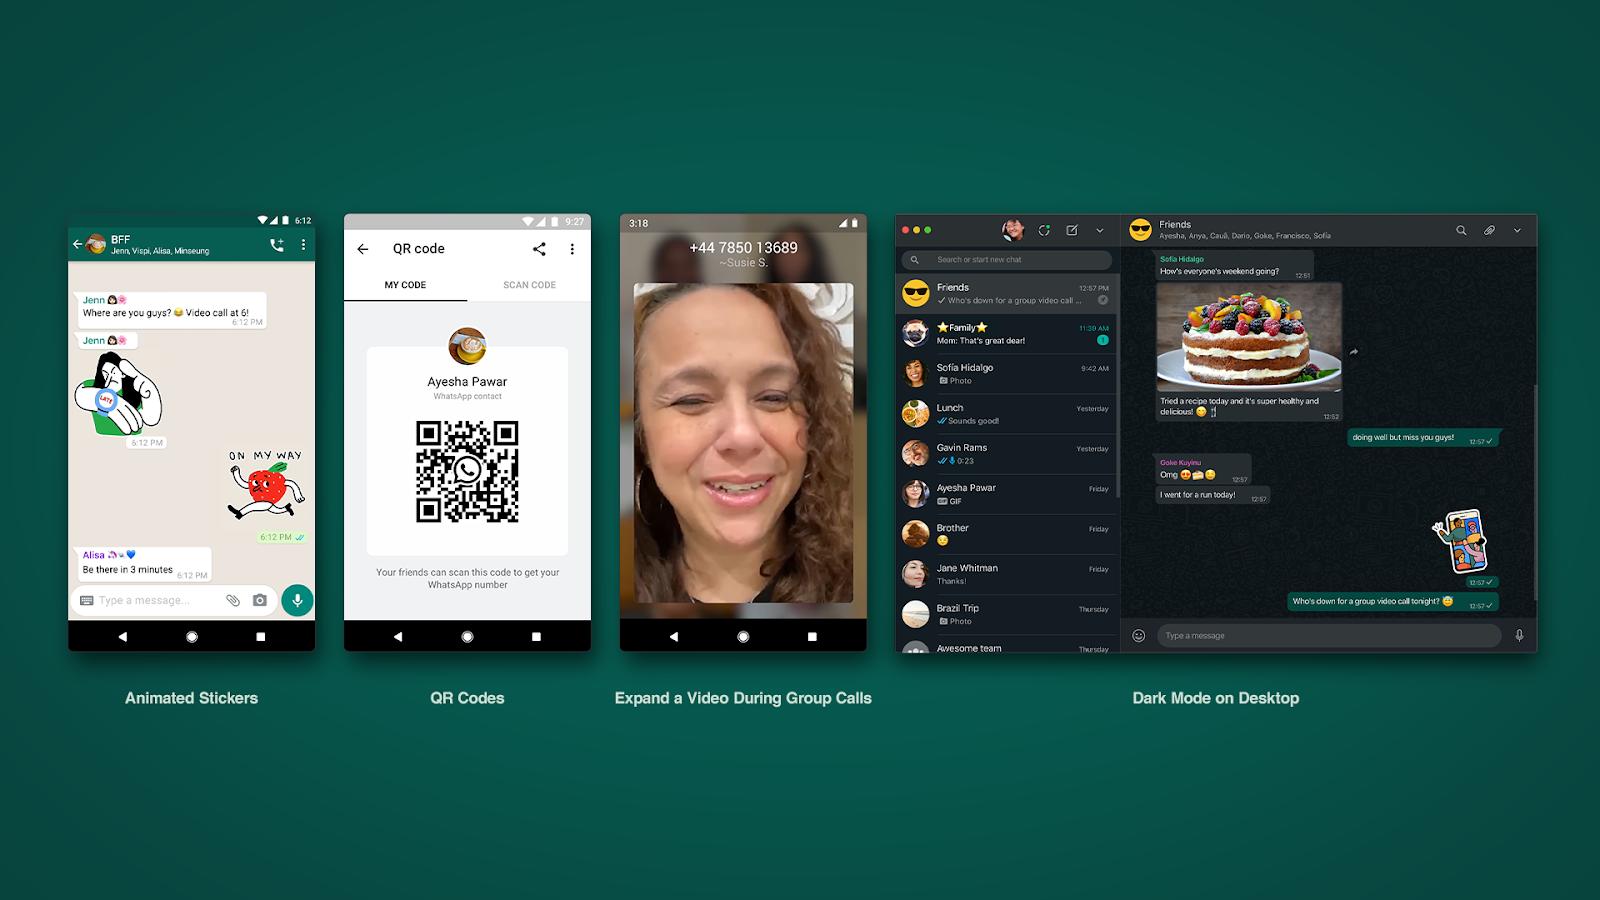 Sticker animati e altre novità disponibili in WhatsApp